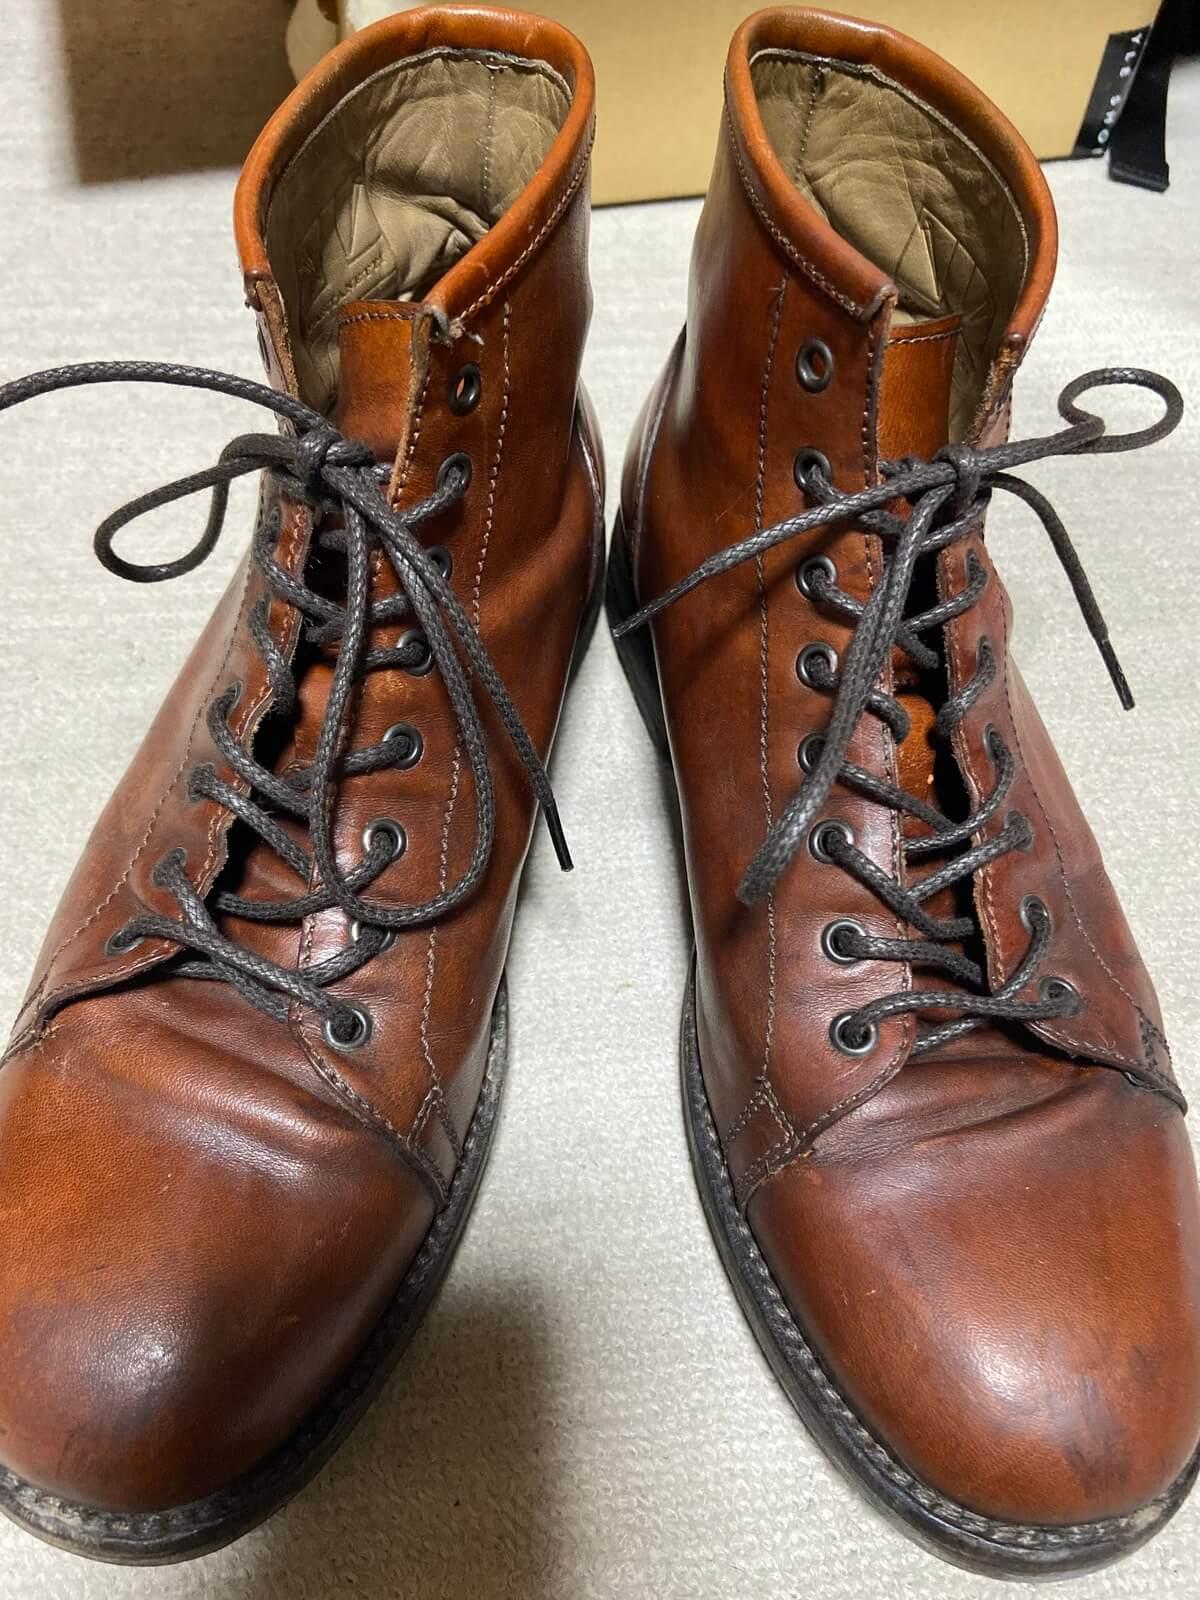 【革靴の破れを修理】余談